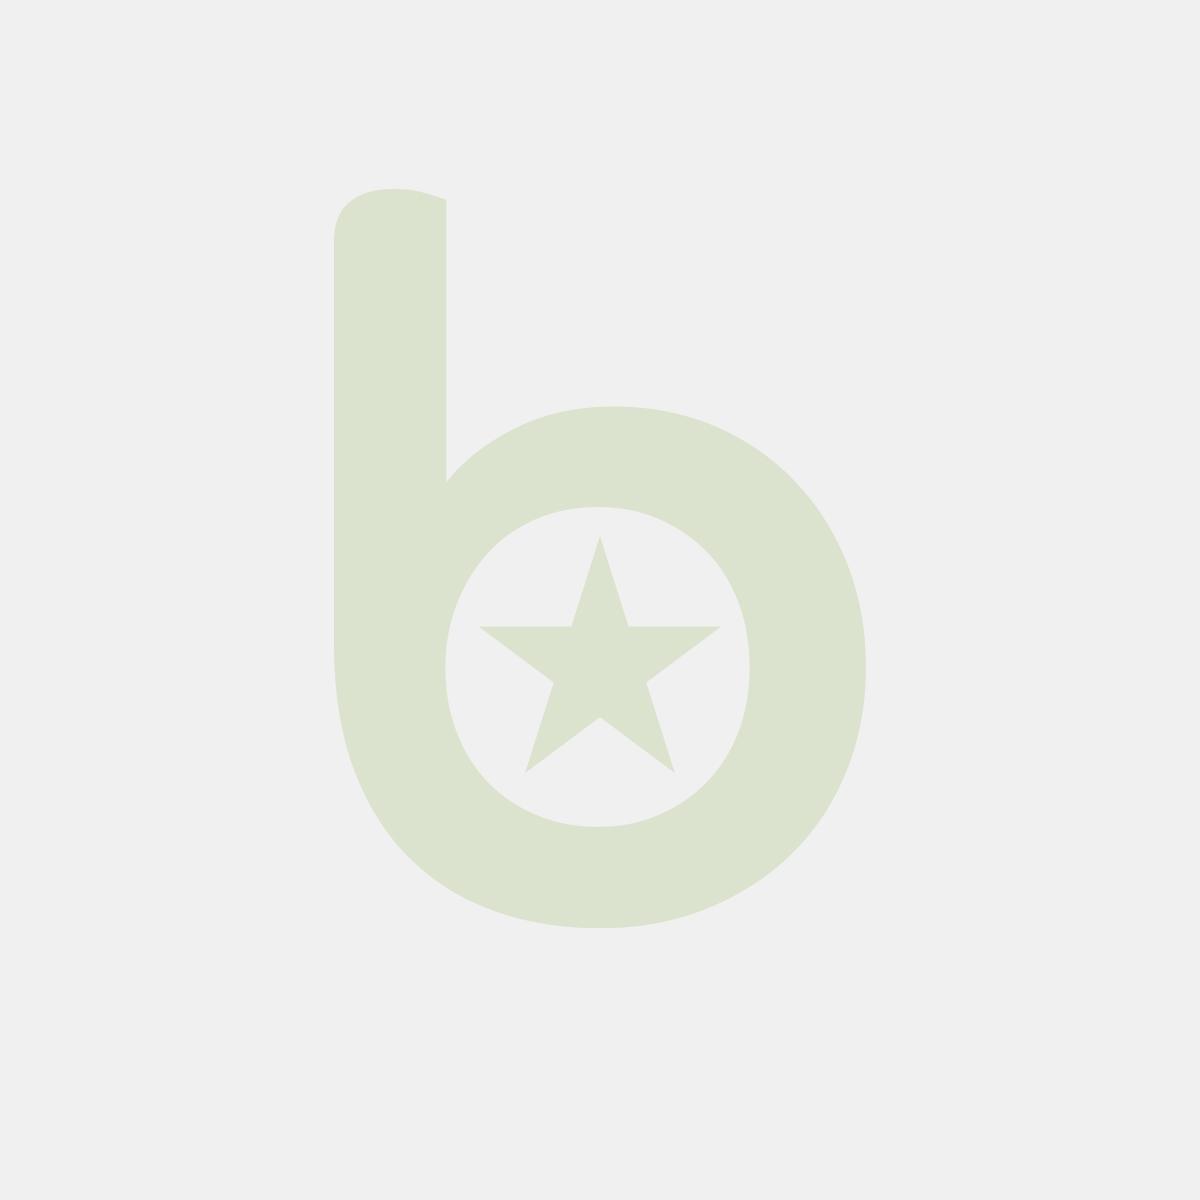 """Serwetki PAPSTAR trójwarstwowe, składane w 1/4, 25 cm x 25 cm, """"Vin Rouge"""" opakowanie 50szt"""